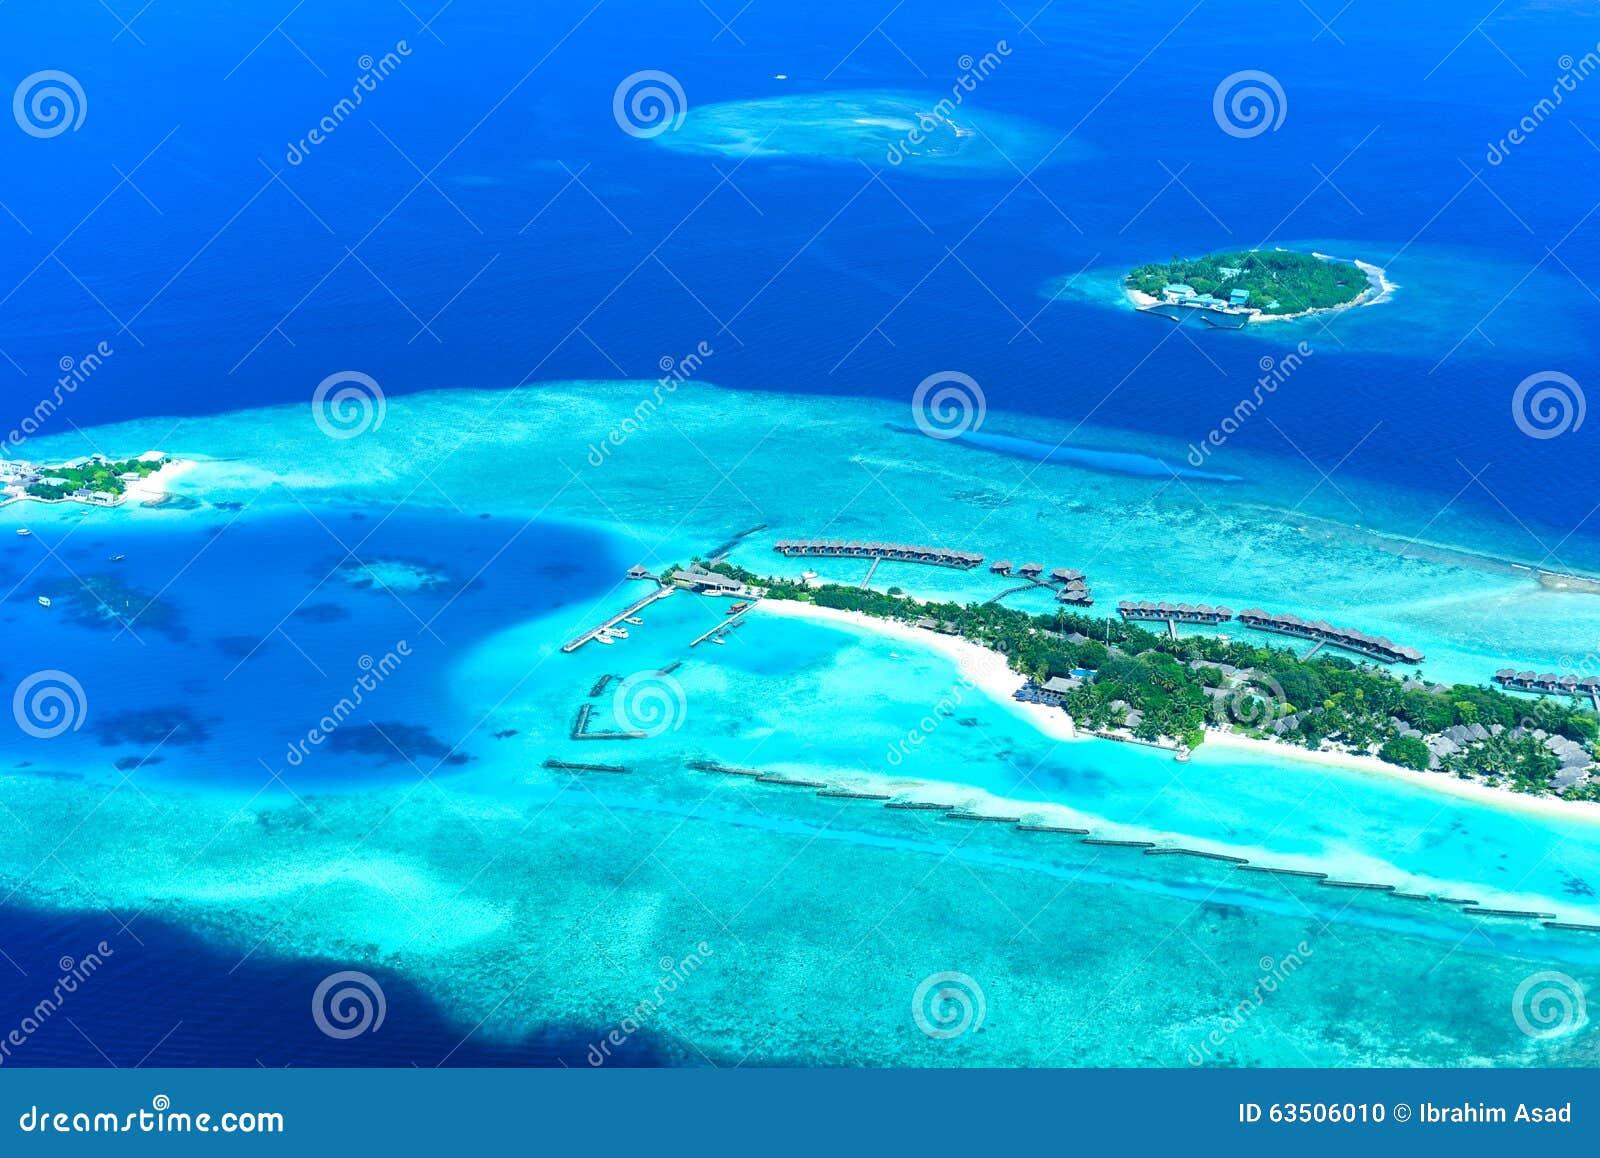 Centro turístico y balneario de Sheraton Maldives Full Moon Island